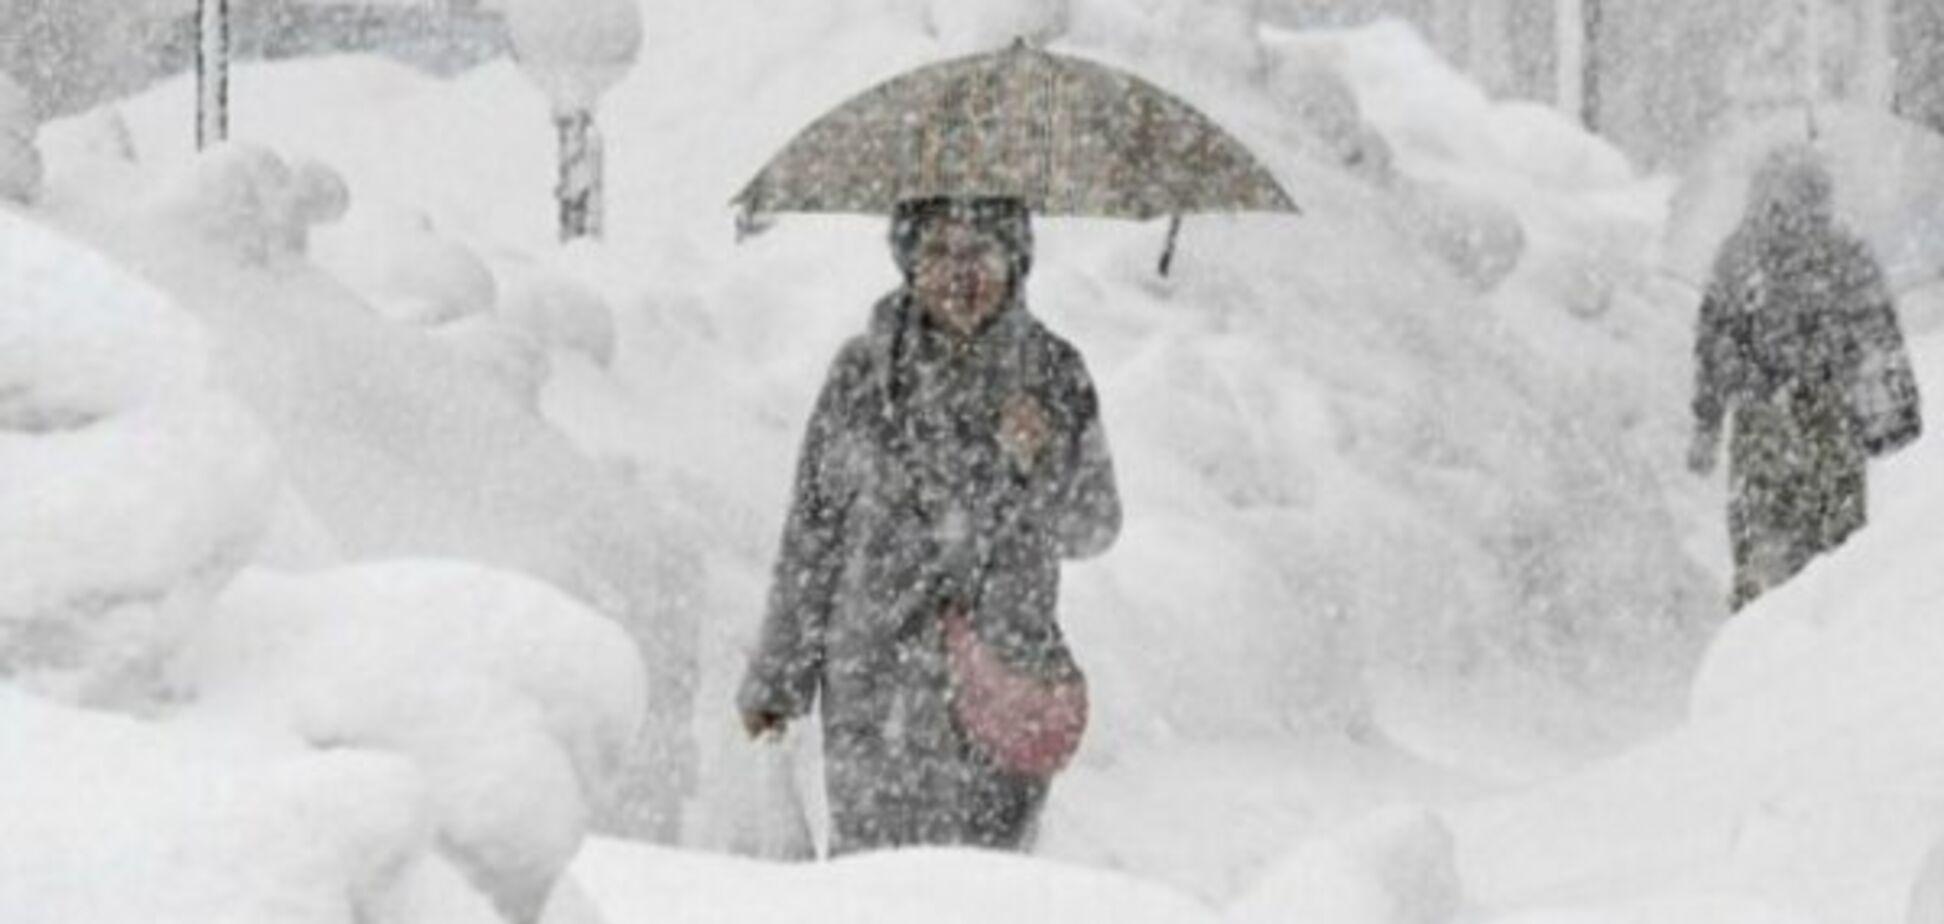 Україну завалить снігом: синоптики попередили про сильну бурю